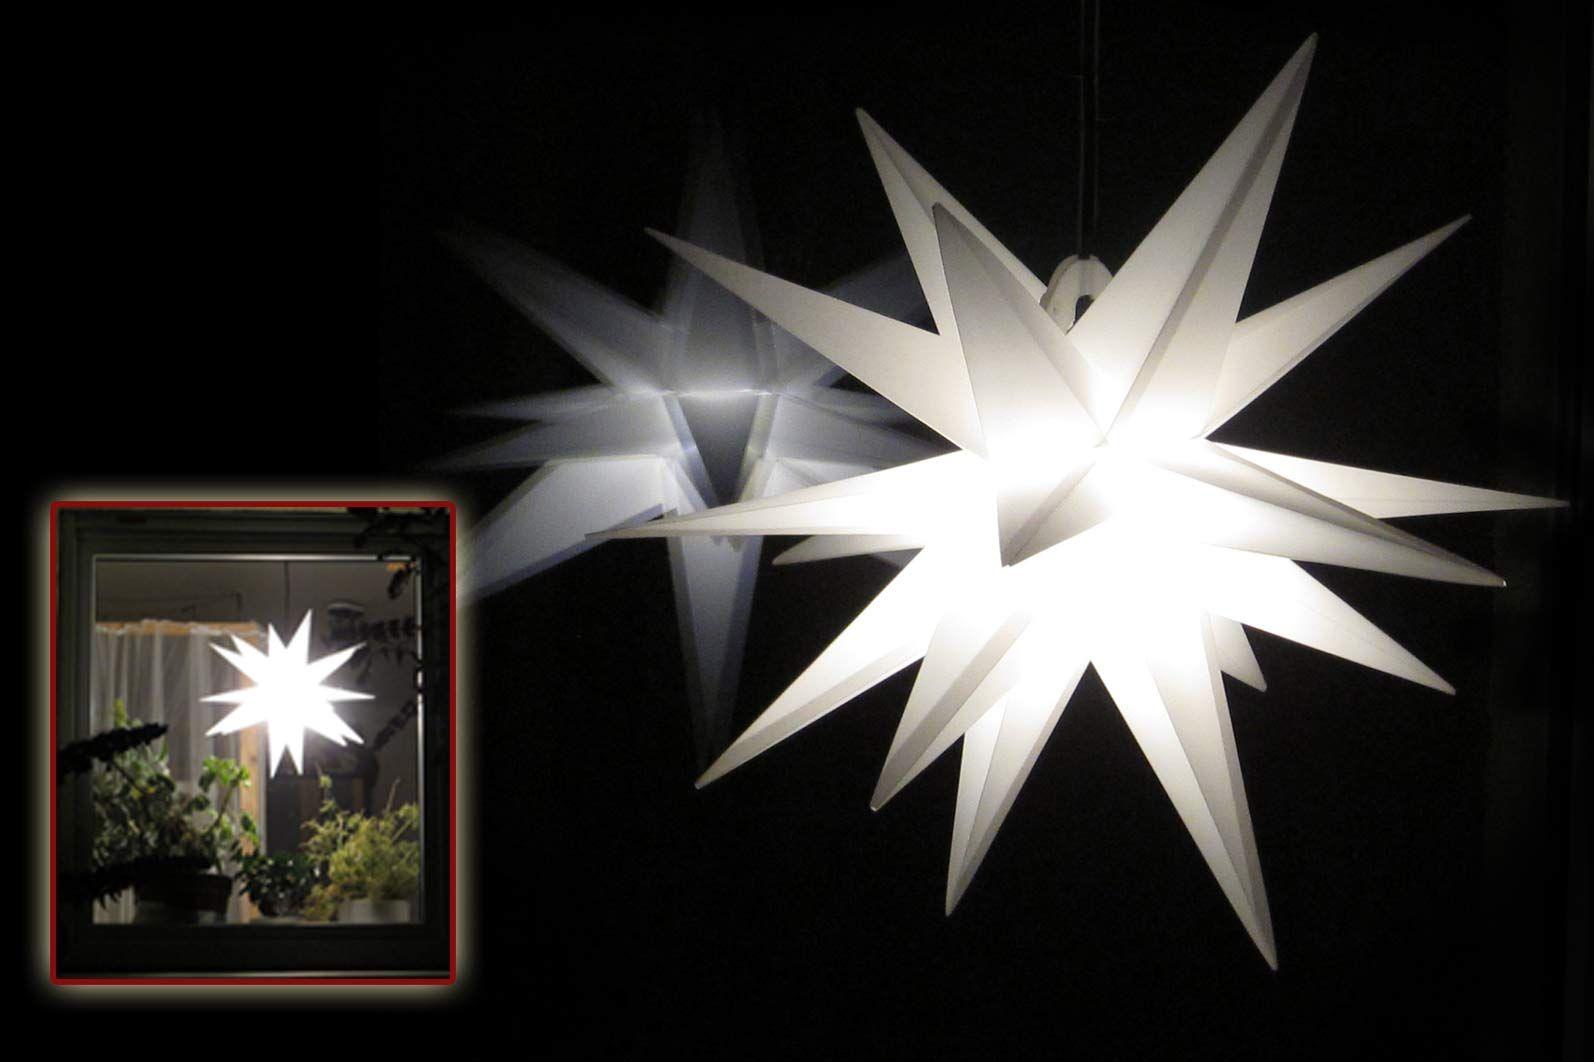 3d Weihnachtsbeleuchtung.Stern Weihnachtsstern Als Weihnachtsbeleuchtung Für Garten Oder